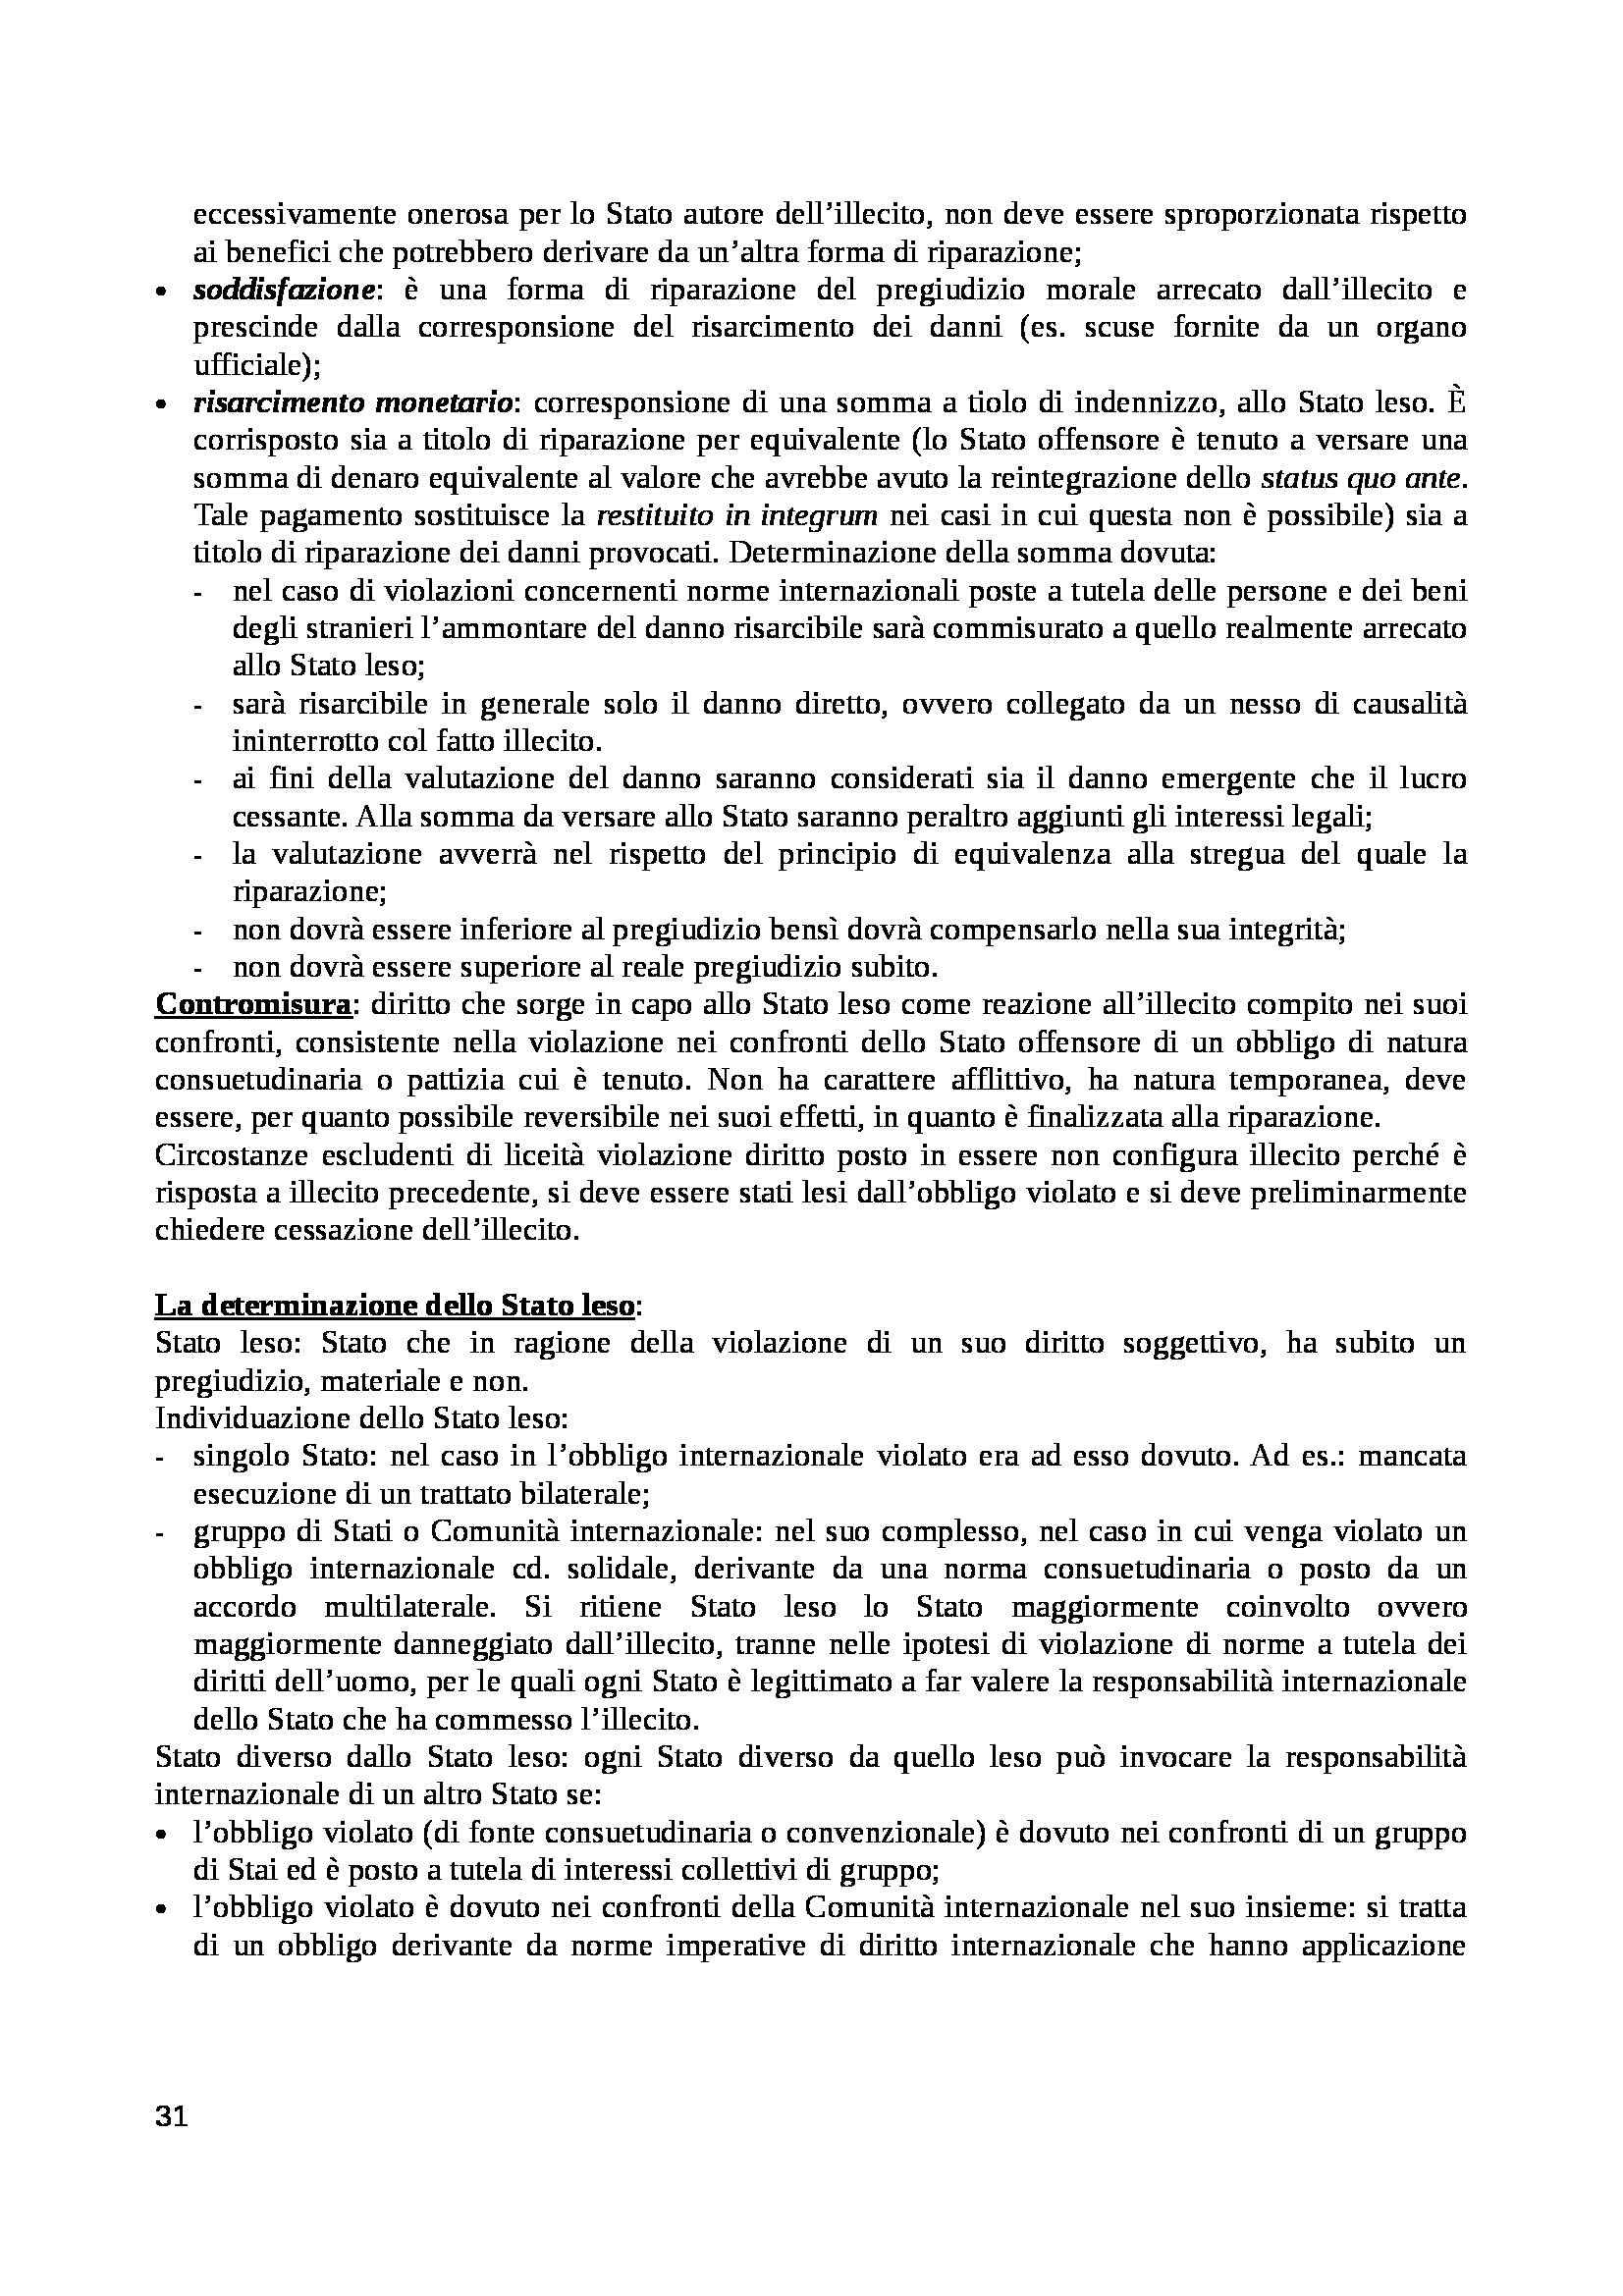 Diritto internazionale - Appunti Pag. 31